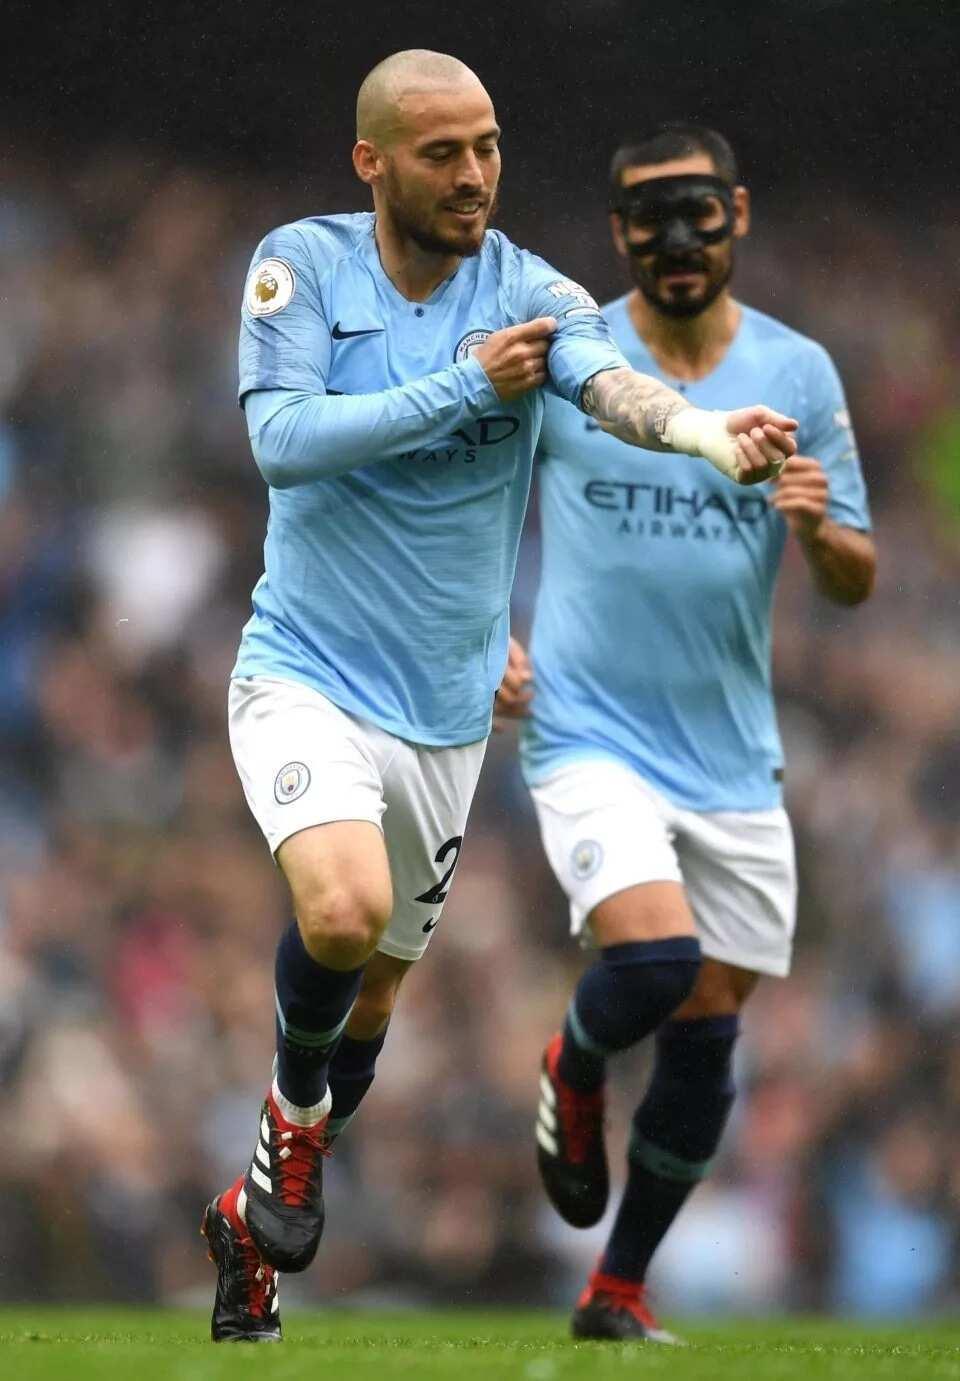 David Silva cradles miracle son Mateo before facing Huddersfield